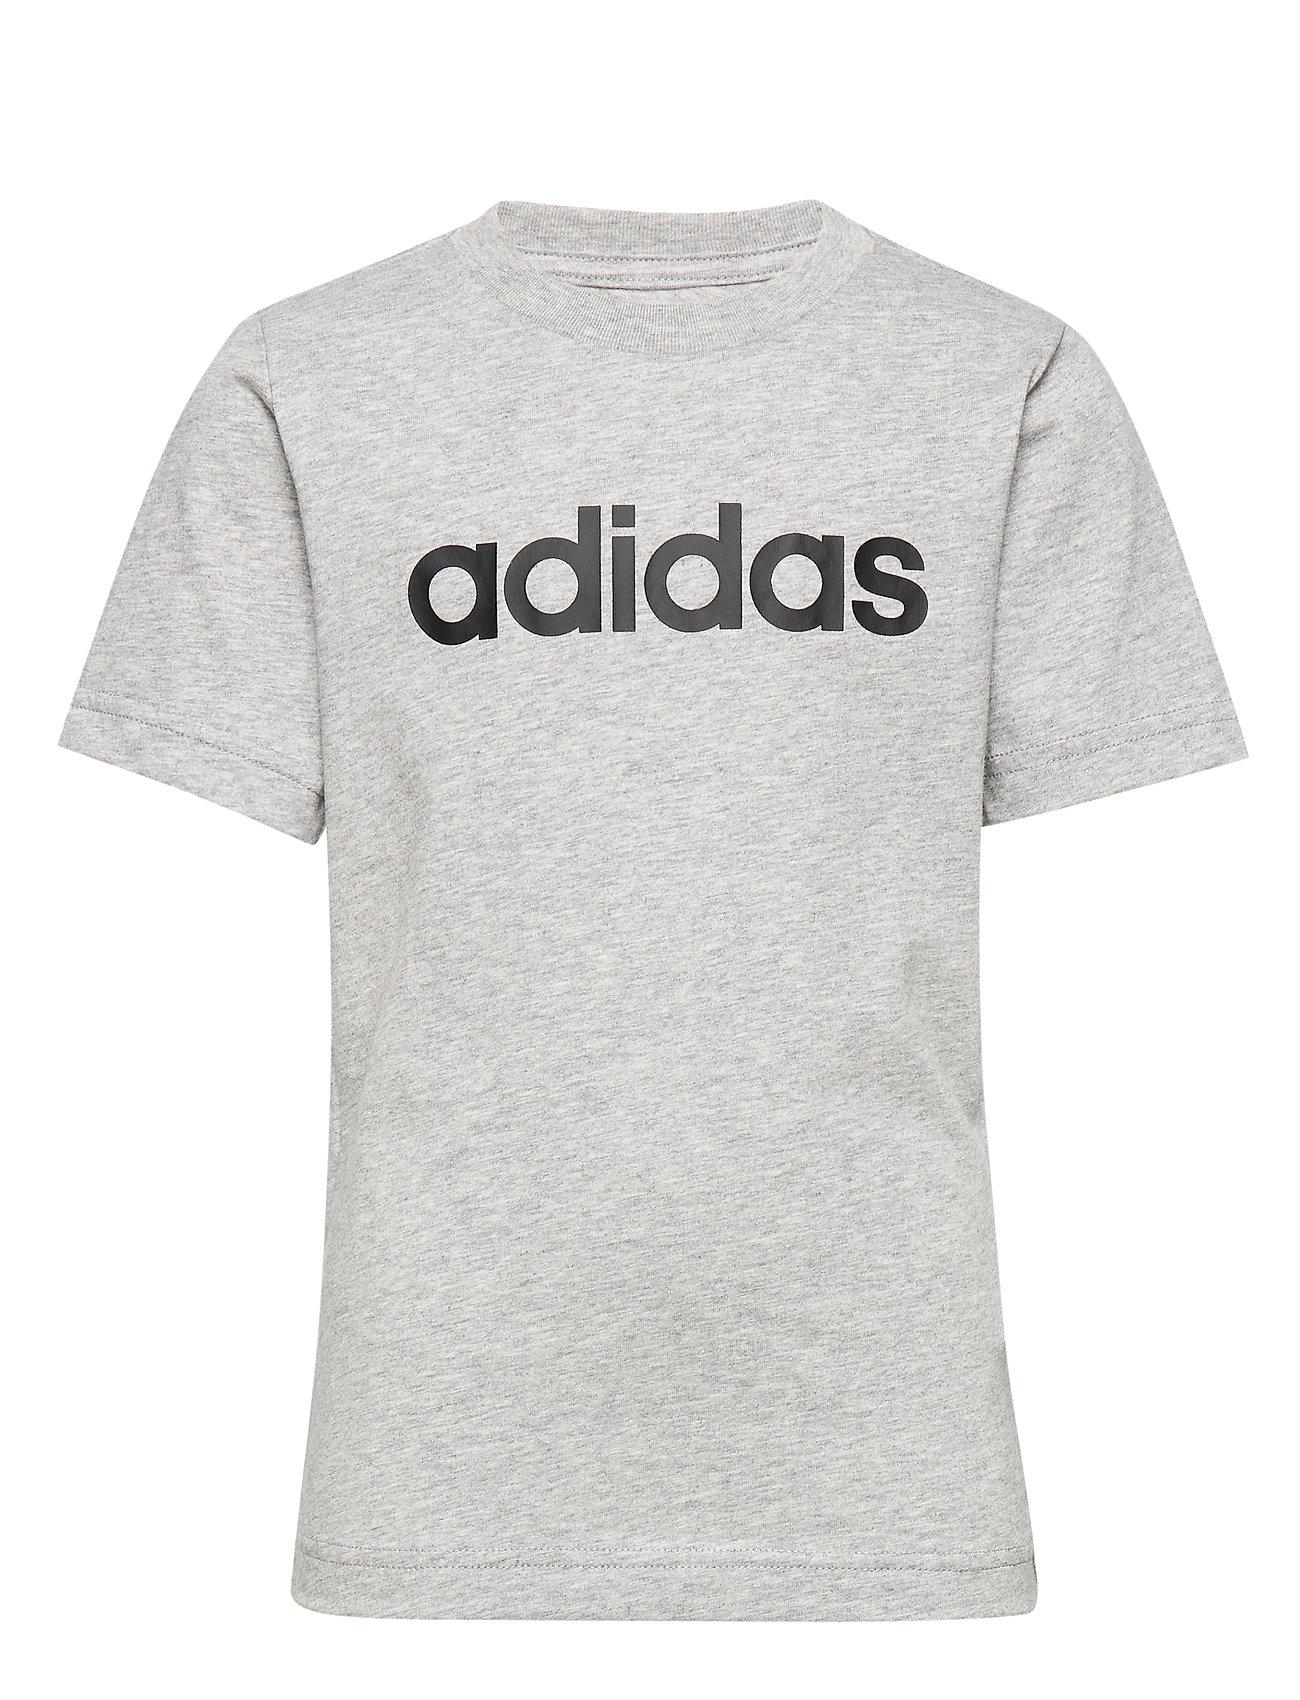 adidas Performance YB E LIN TEE - MGREYH/BLACK